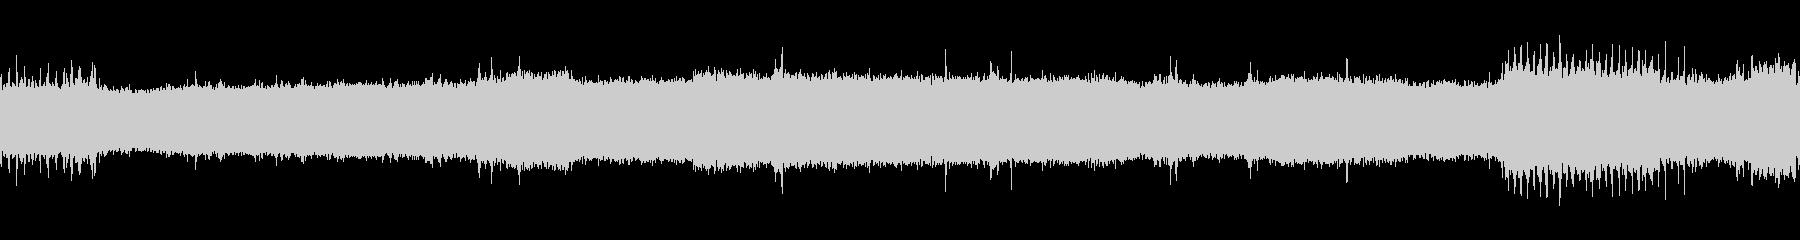 【生音】 電車 - 走行音 - 03の未再生の波形